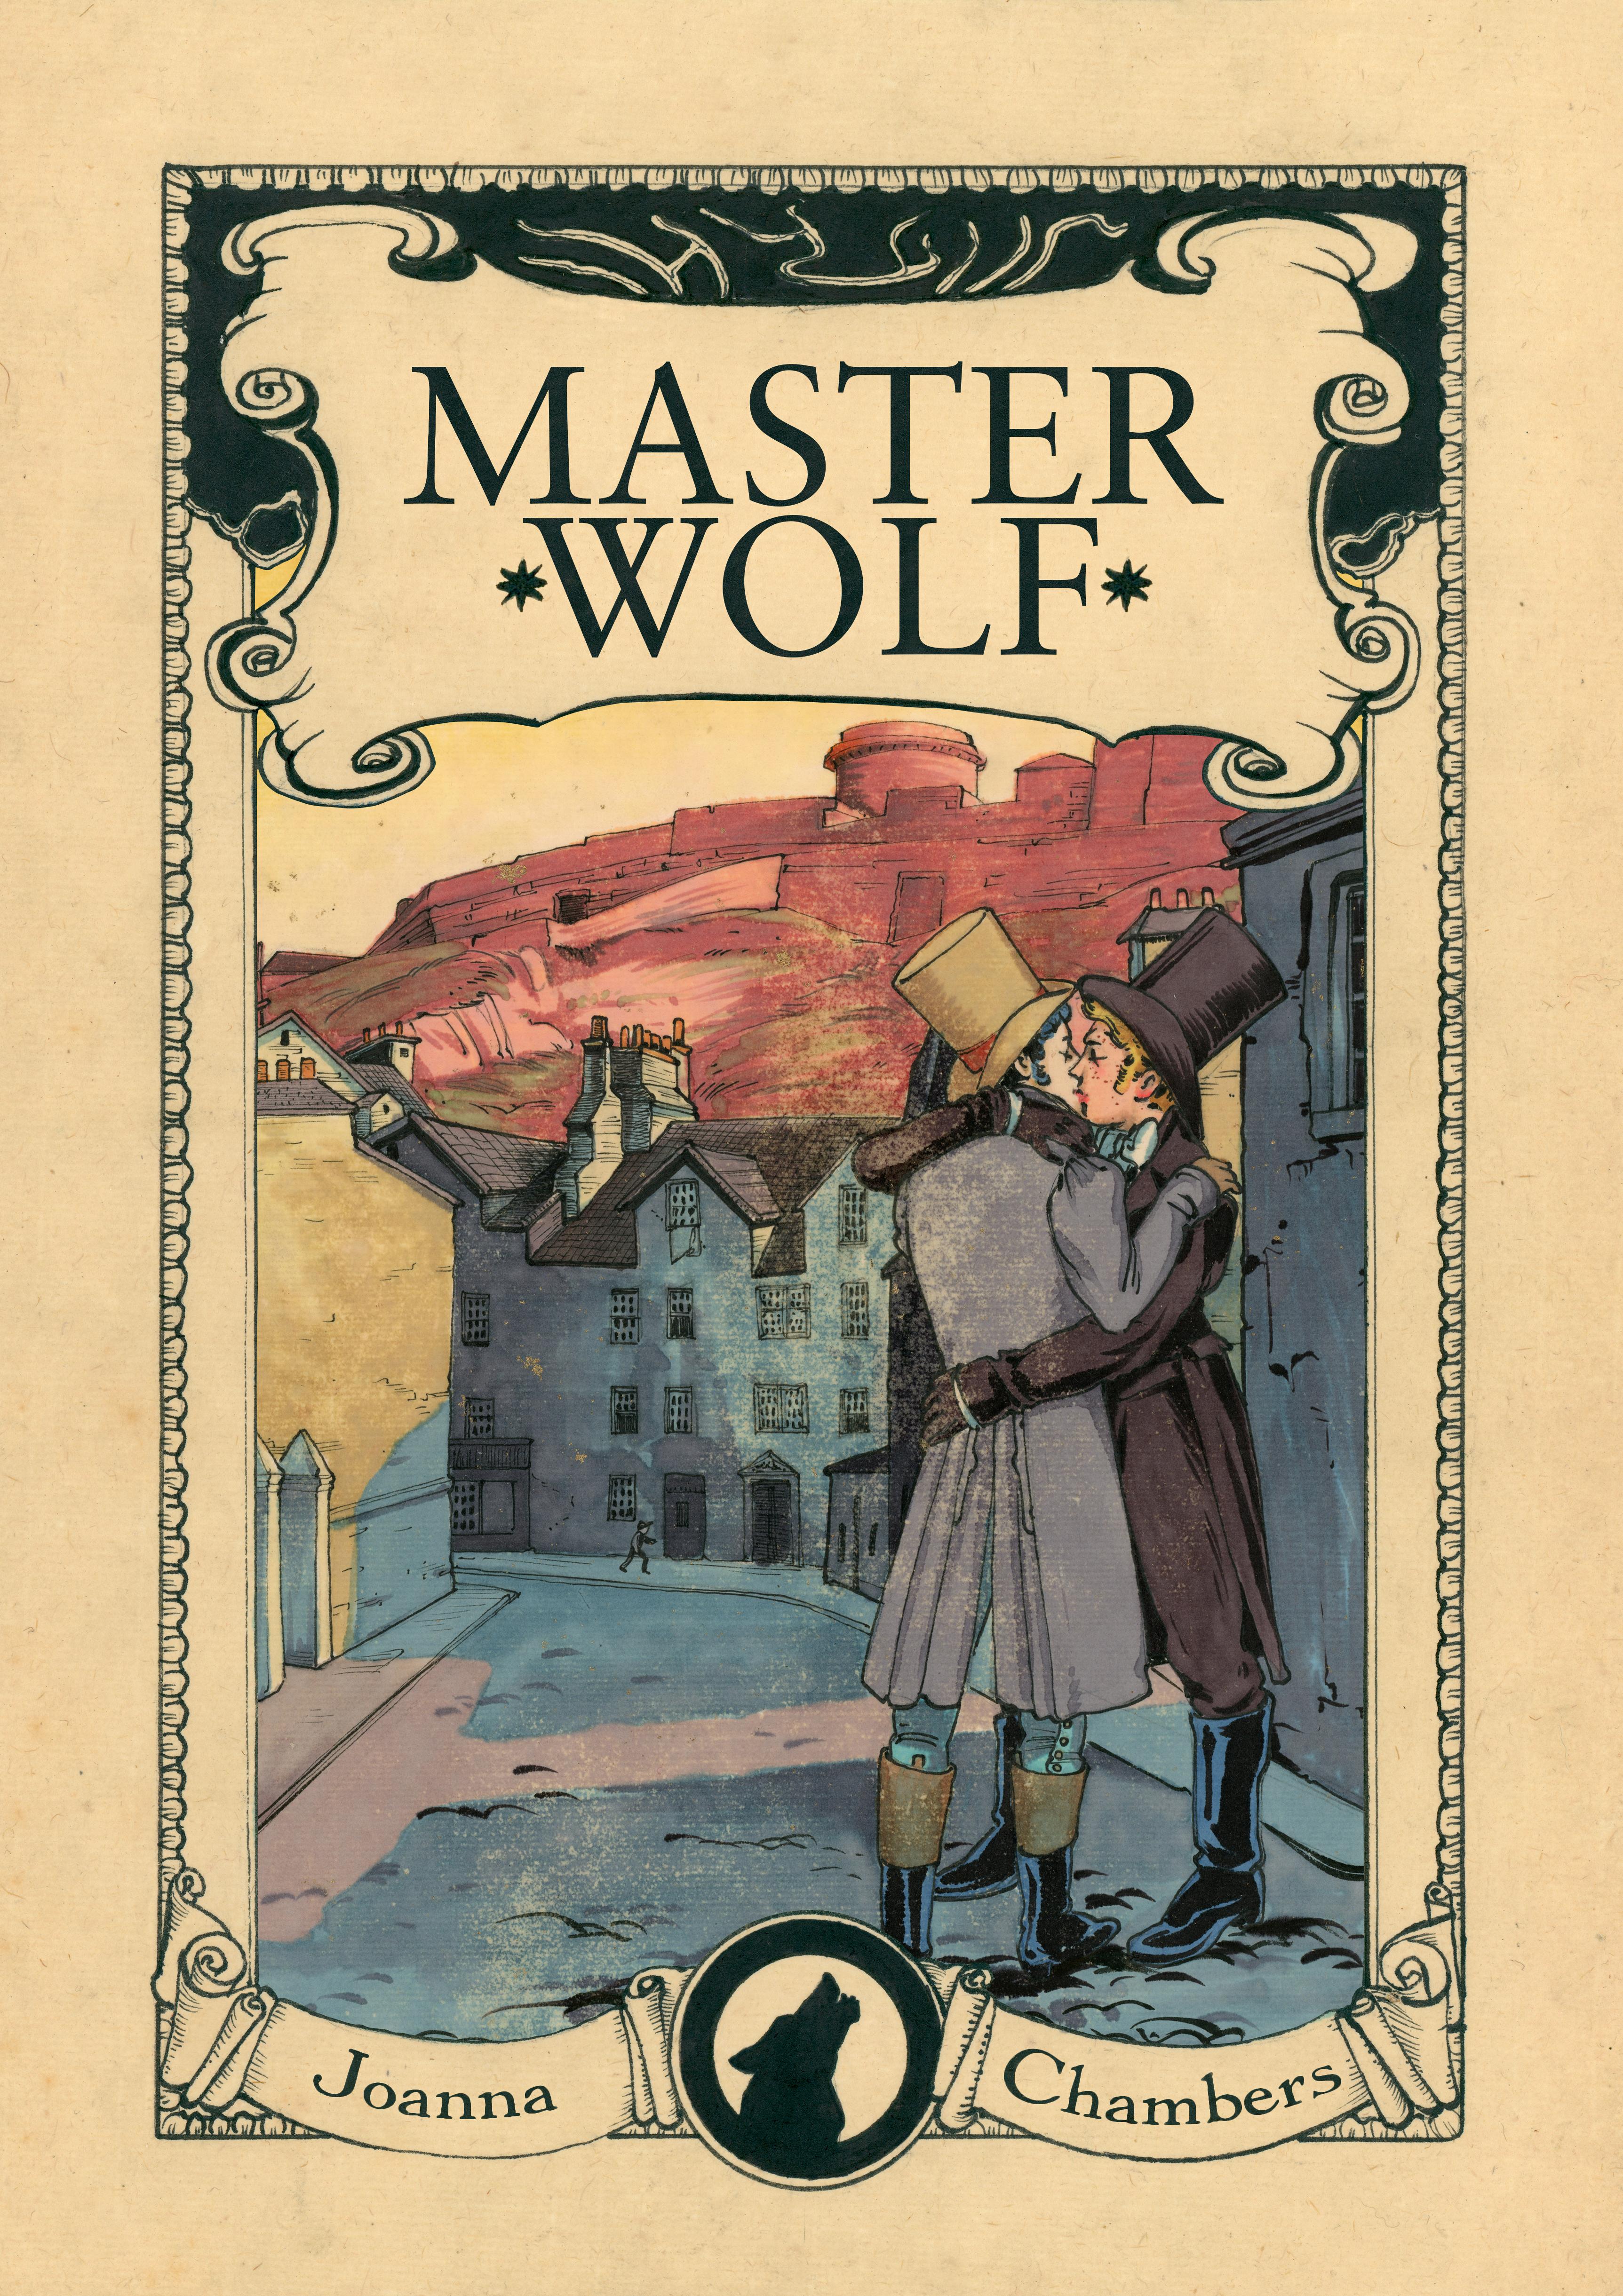 MasterWolf_master_11_5x16_27